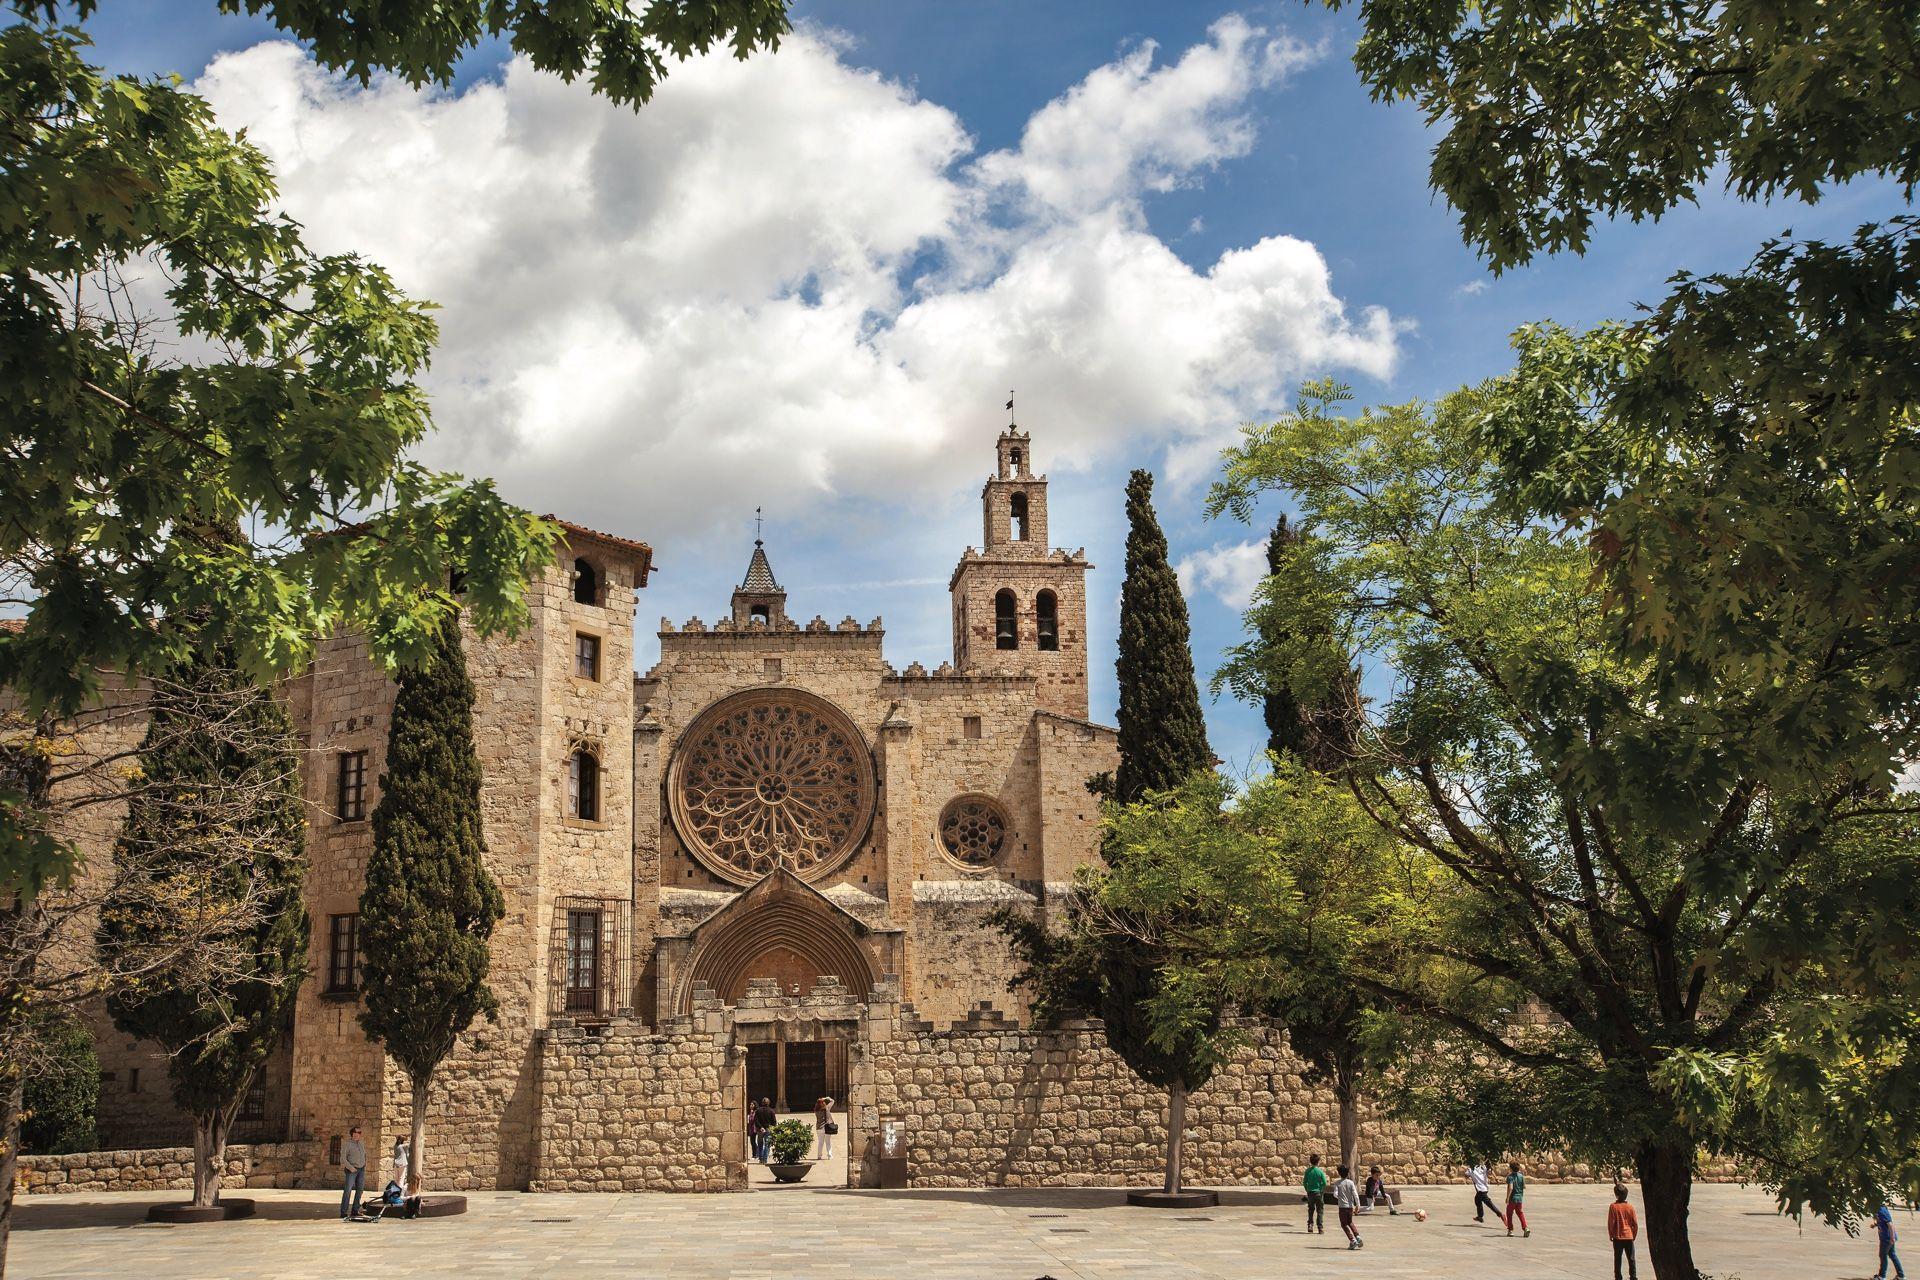 Pasea con tu familia en Sant Cugat - lugares, destacado